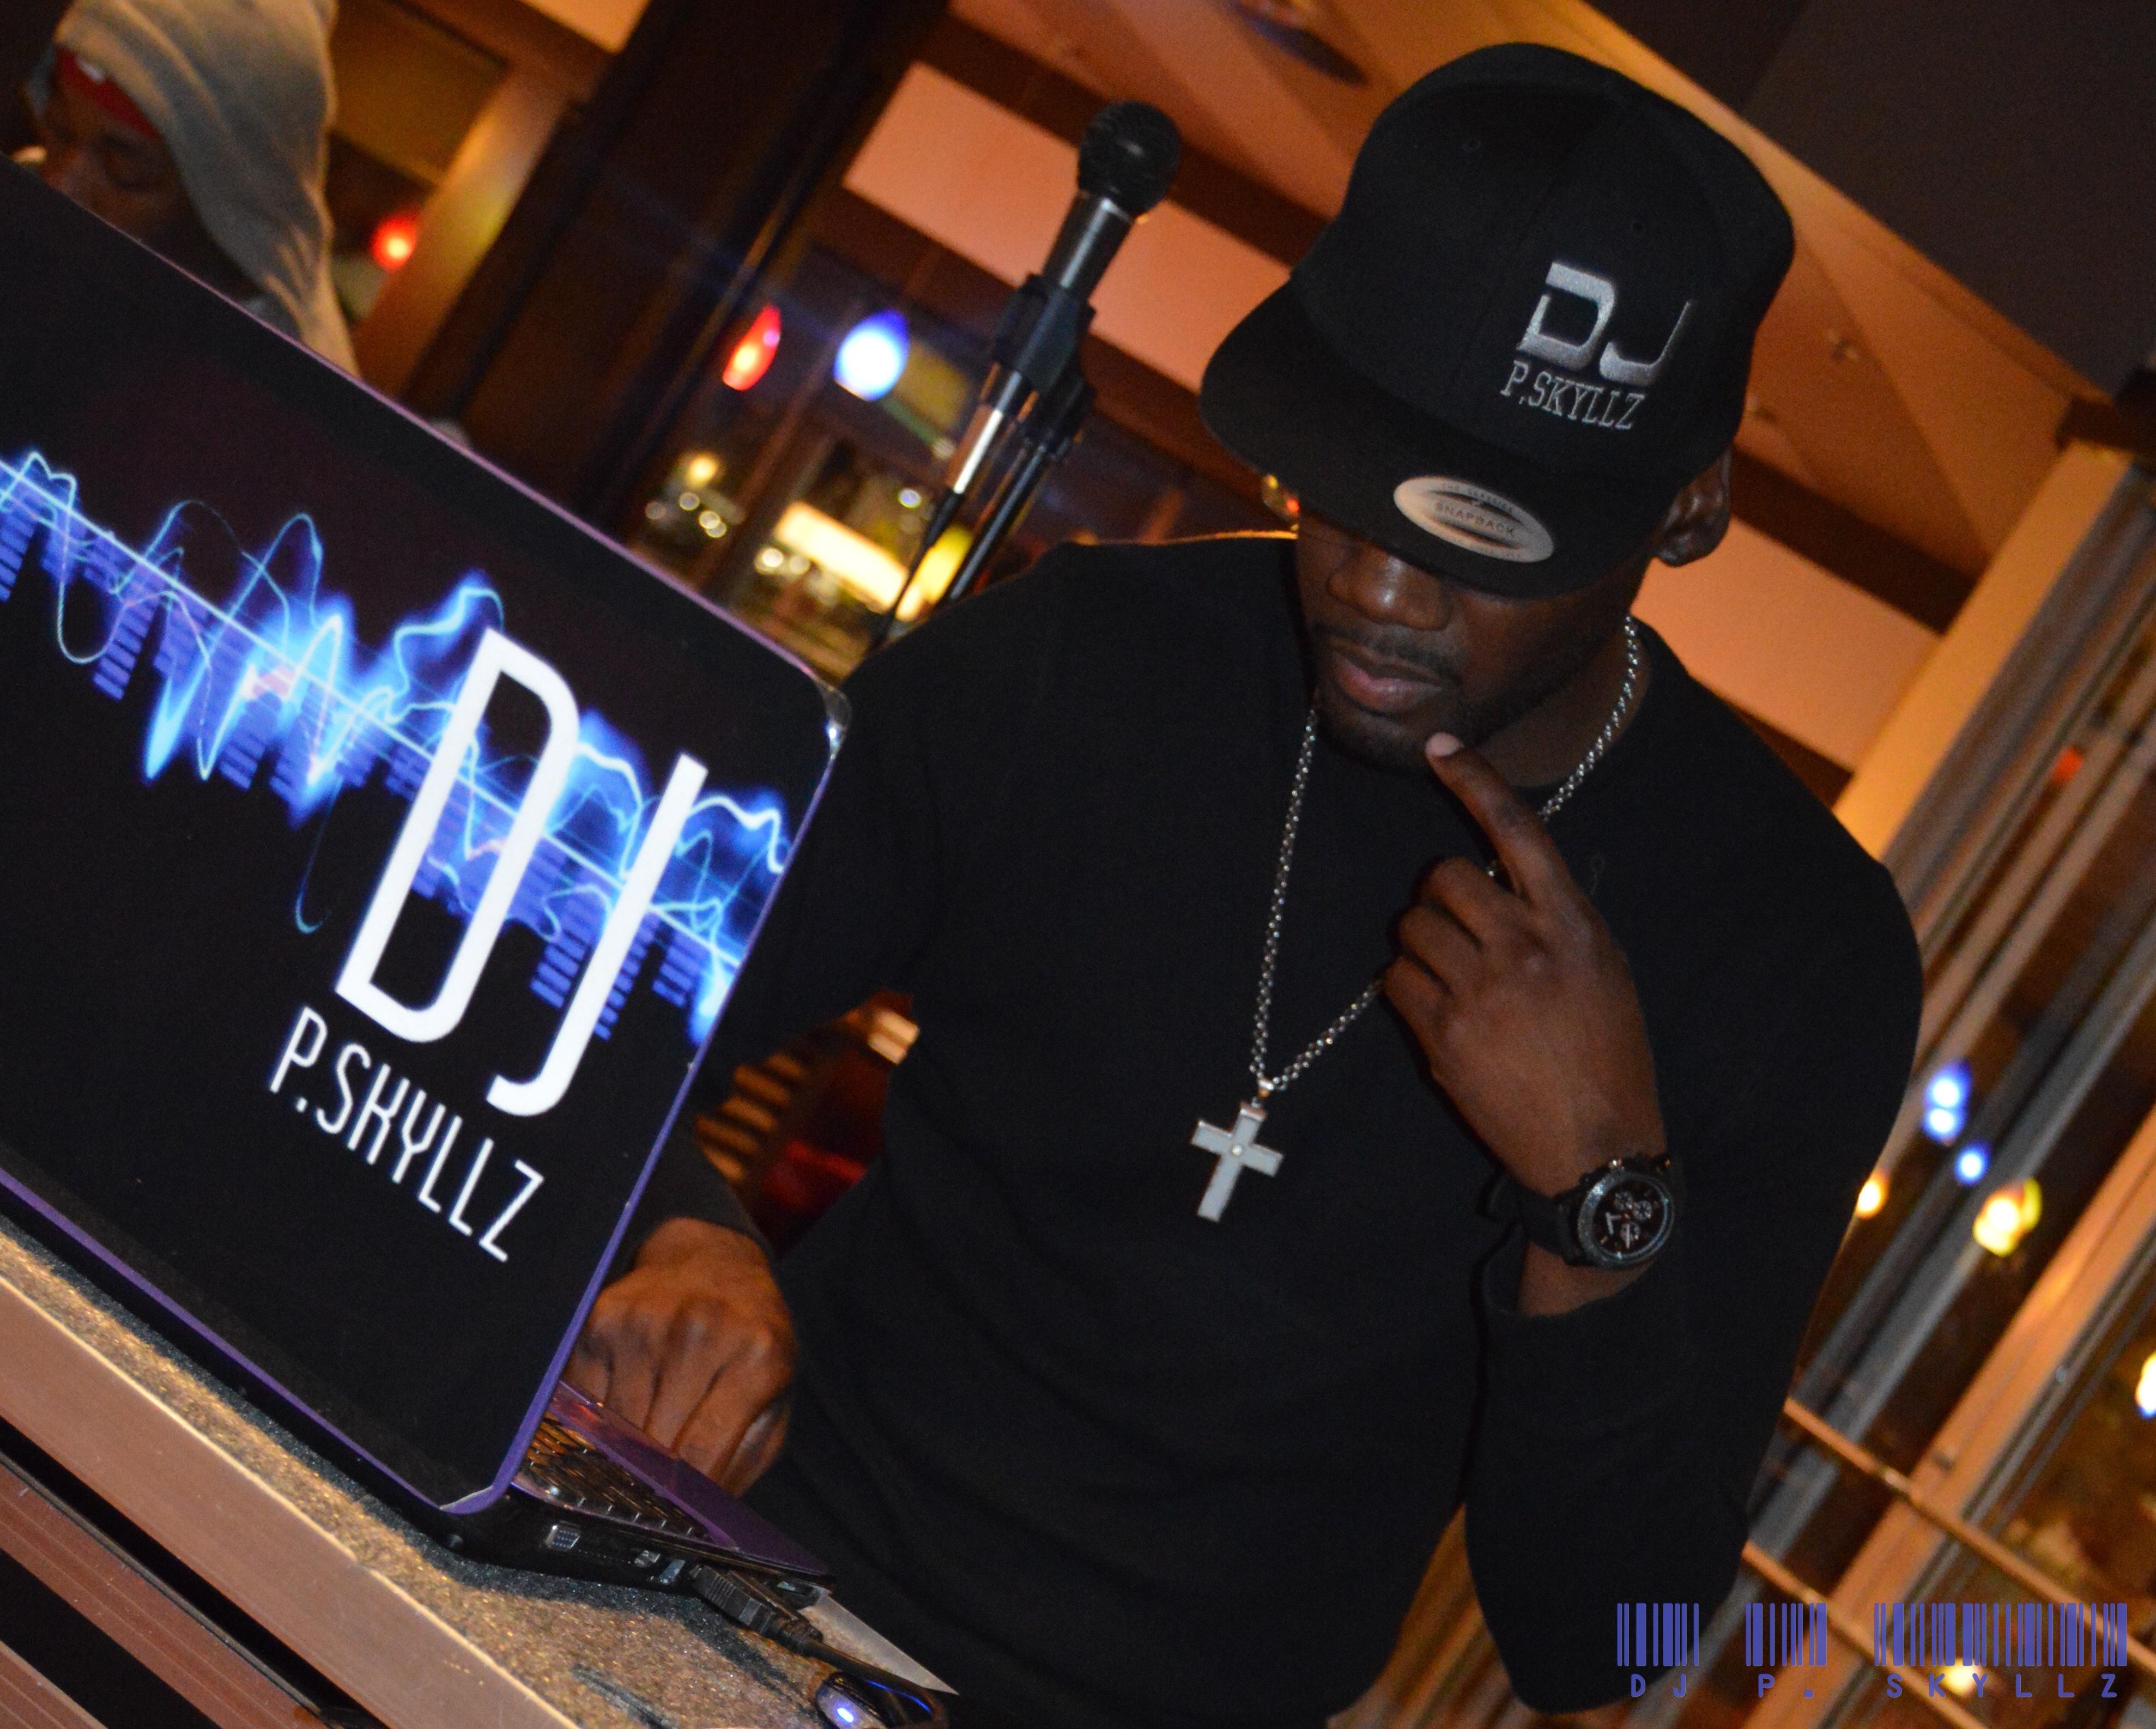 DJ P. Skyllz 33